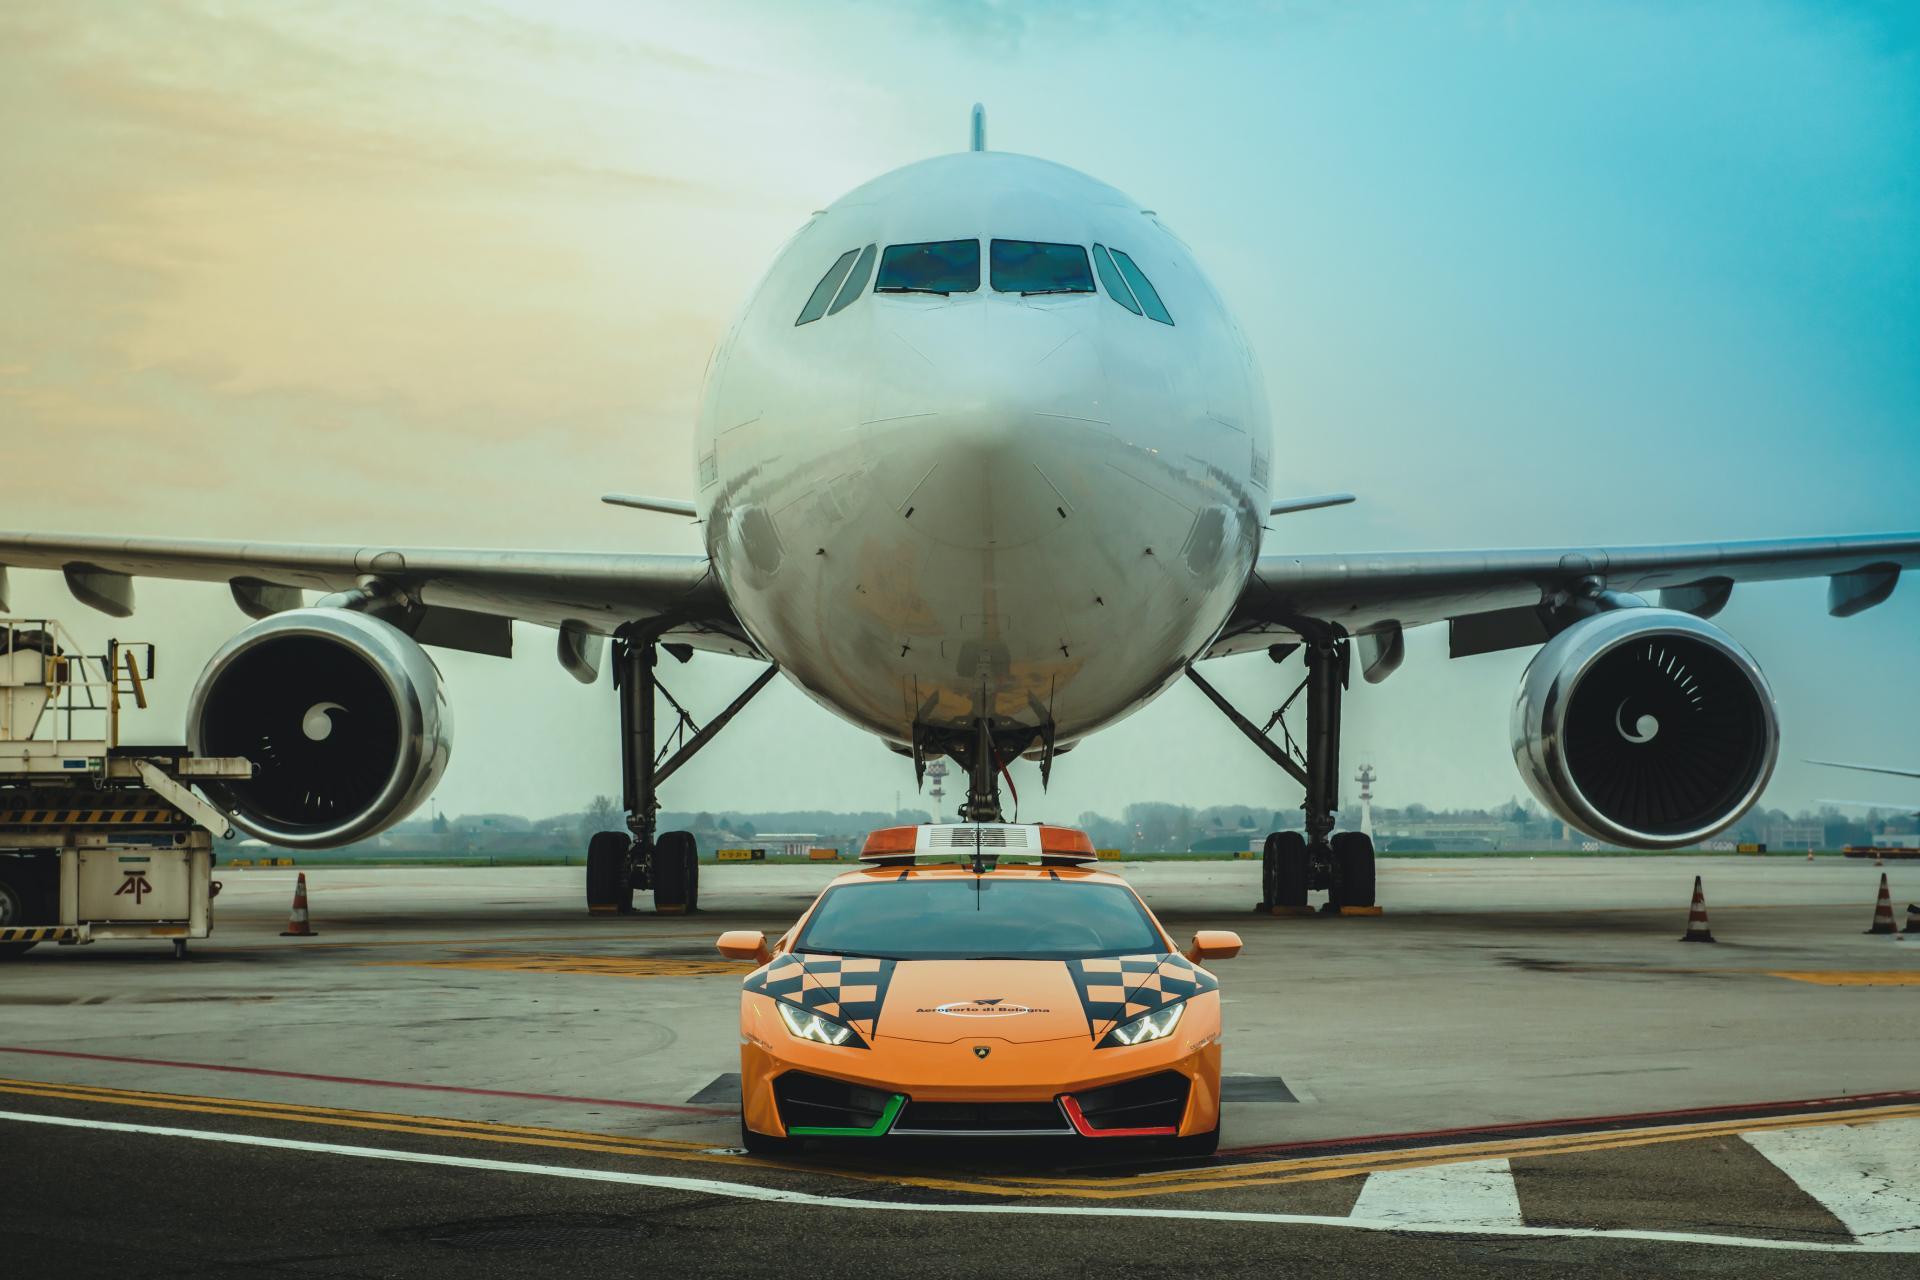 Lamborghini-Huracan-RWD-Follow-Me-Car-Bologna-Airport-1